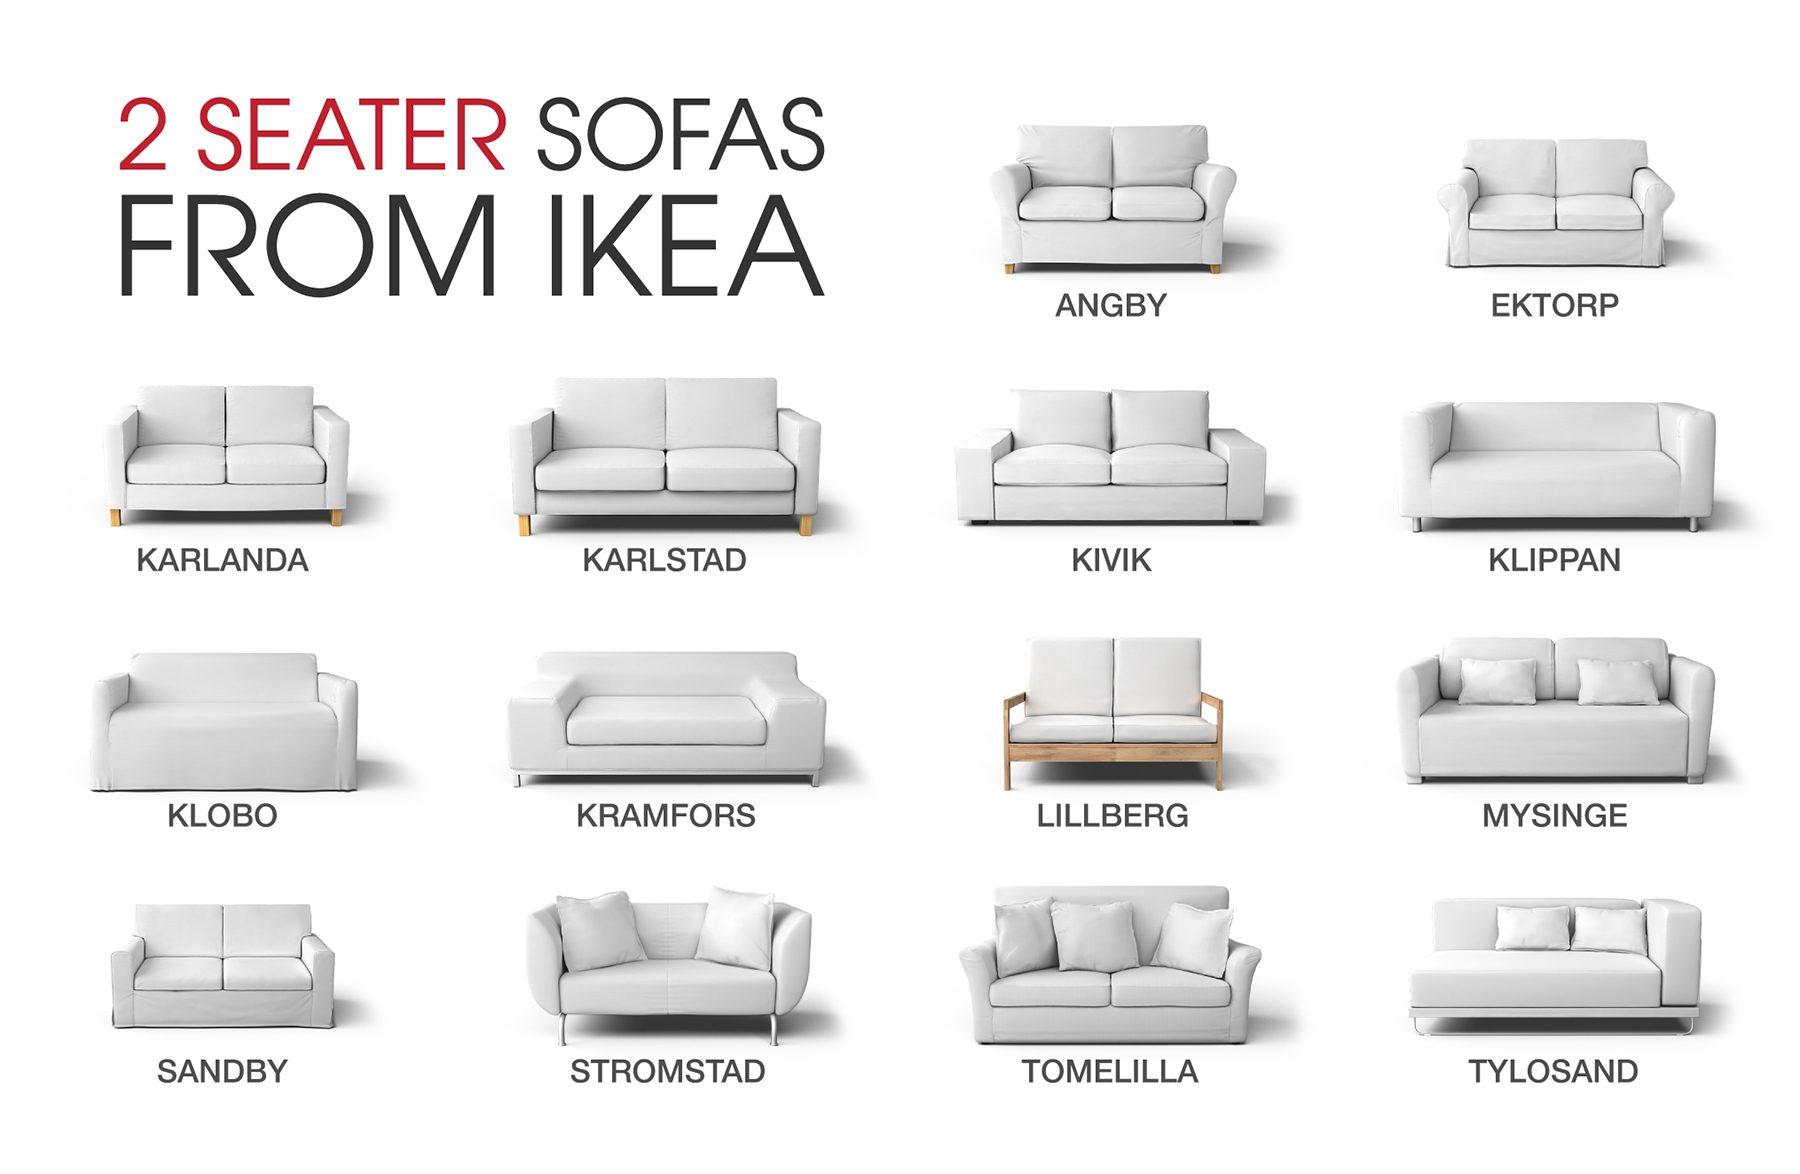 IKEA 2 Seater Sofas